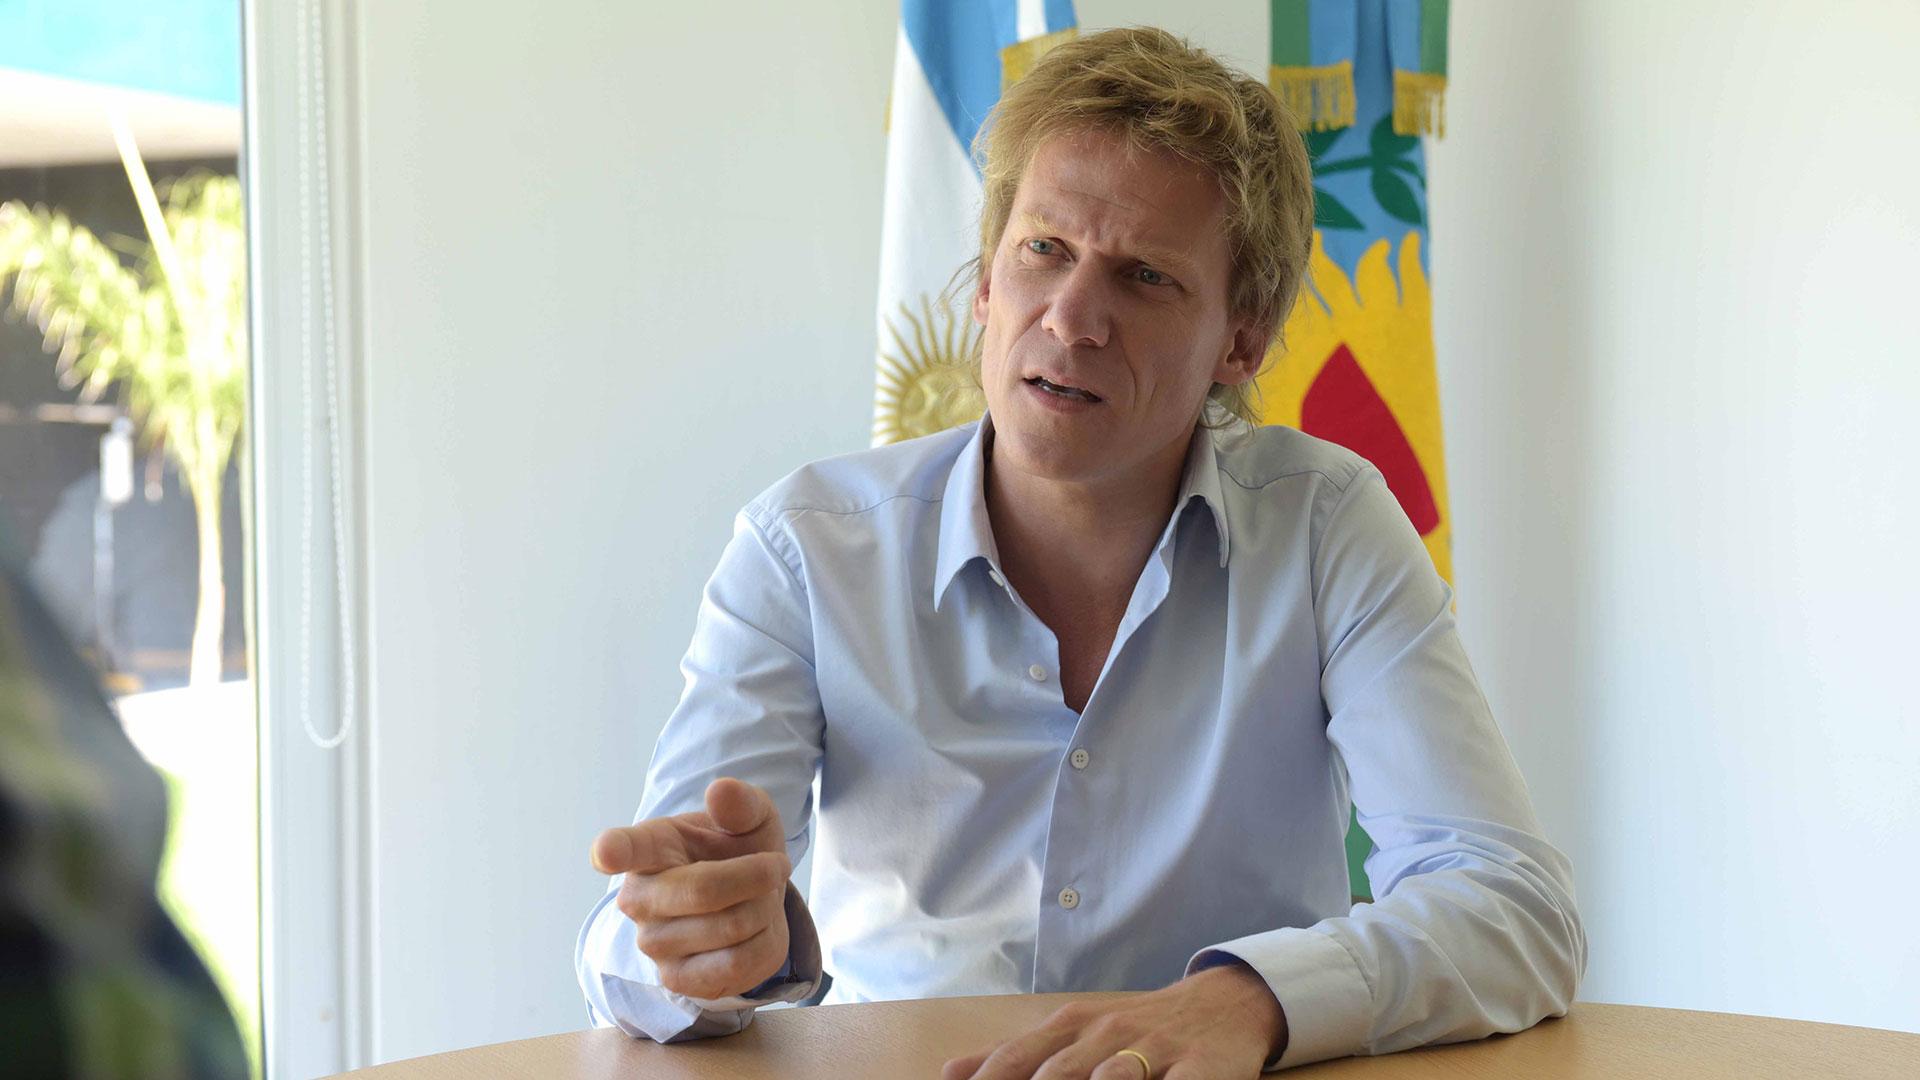 El director de ARBA, Gastón Fossati, destacó que el organismo está abocada a facilitar la gestión de los vecinos